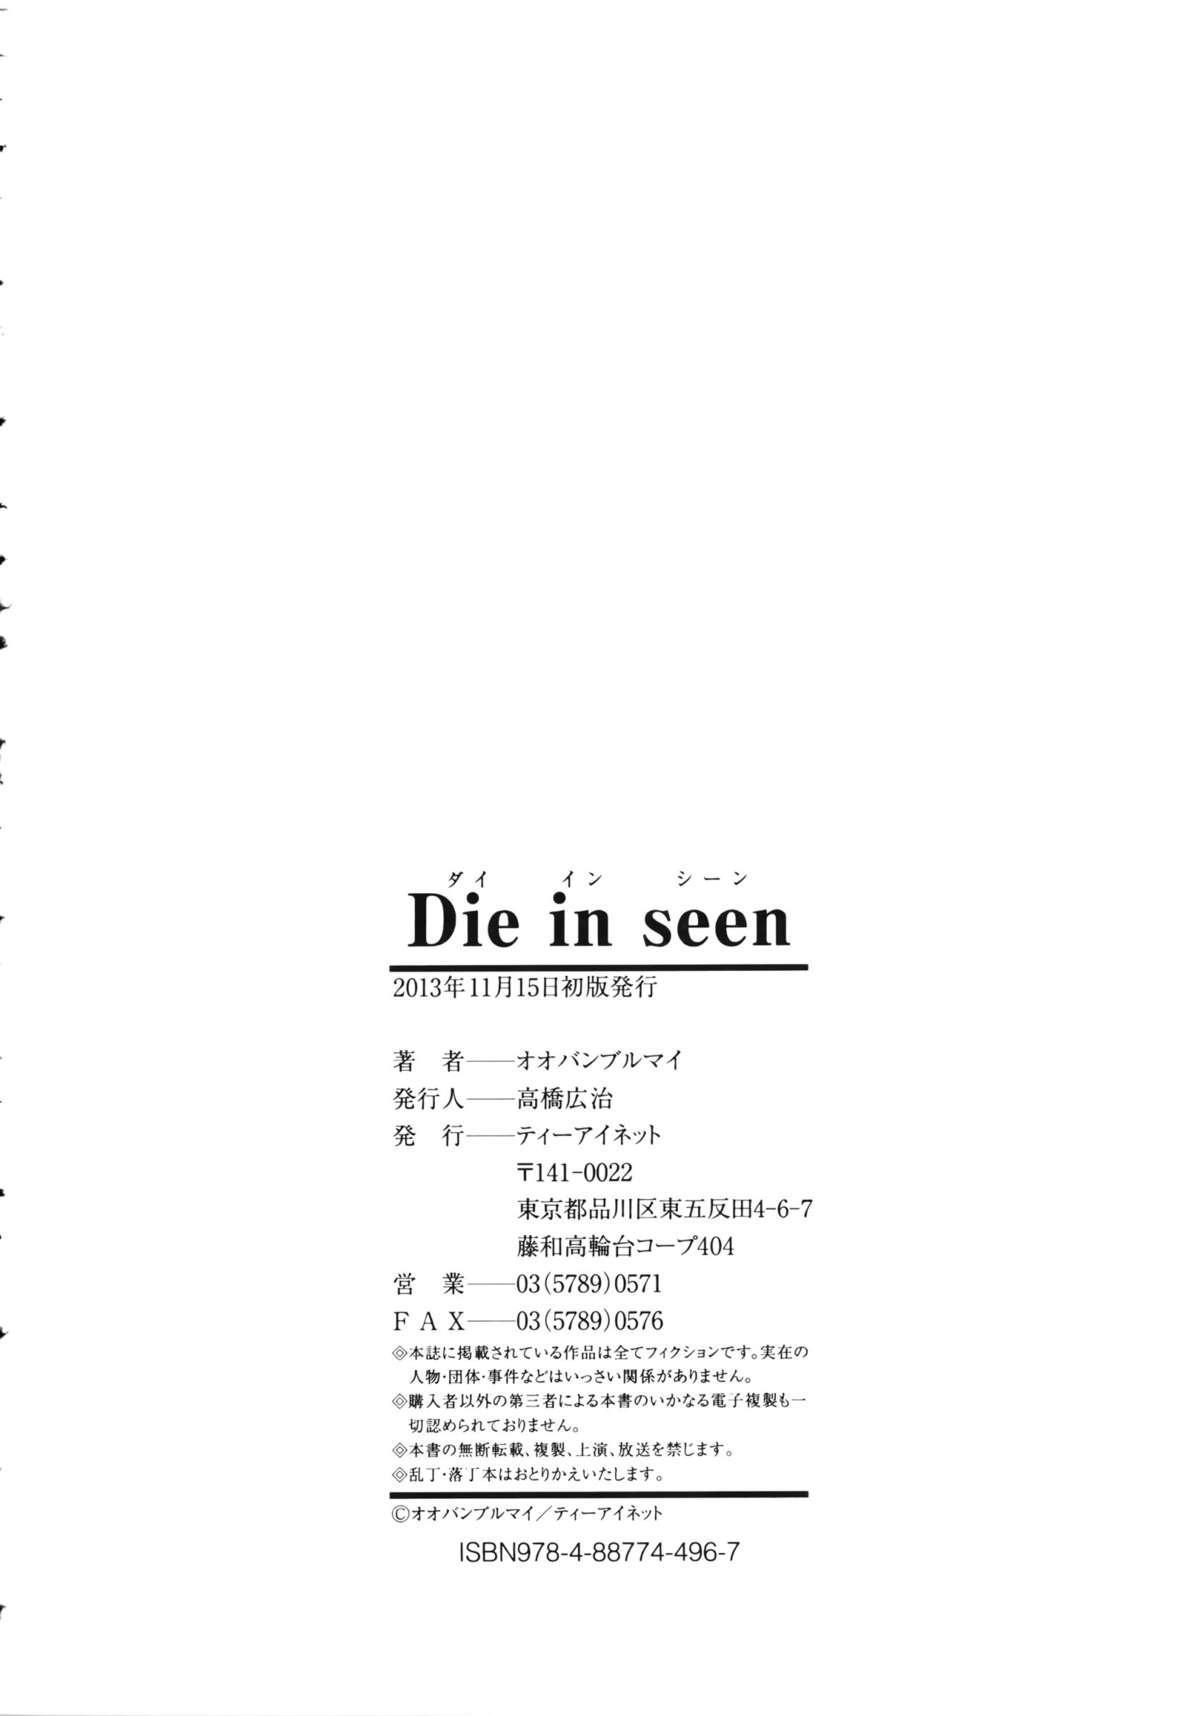 Die in seen 244